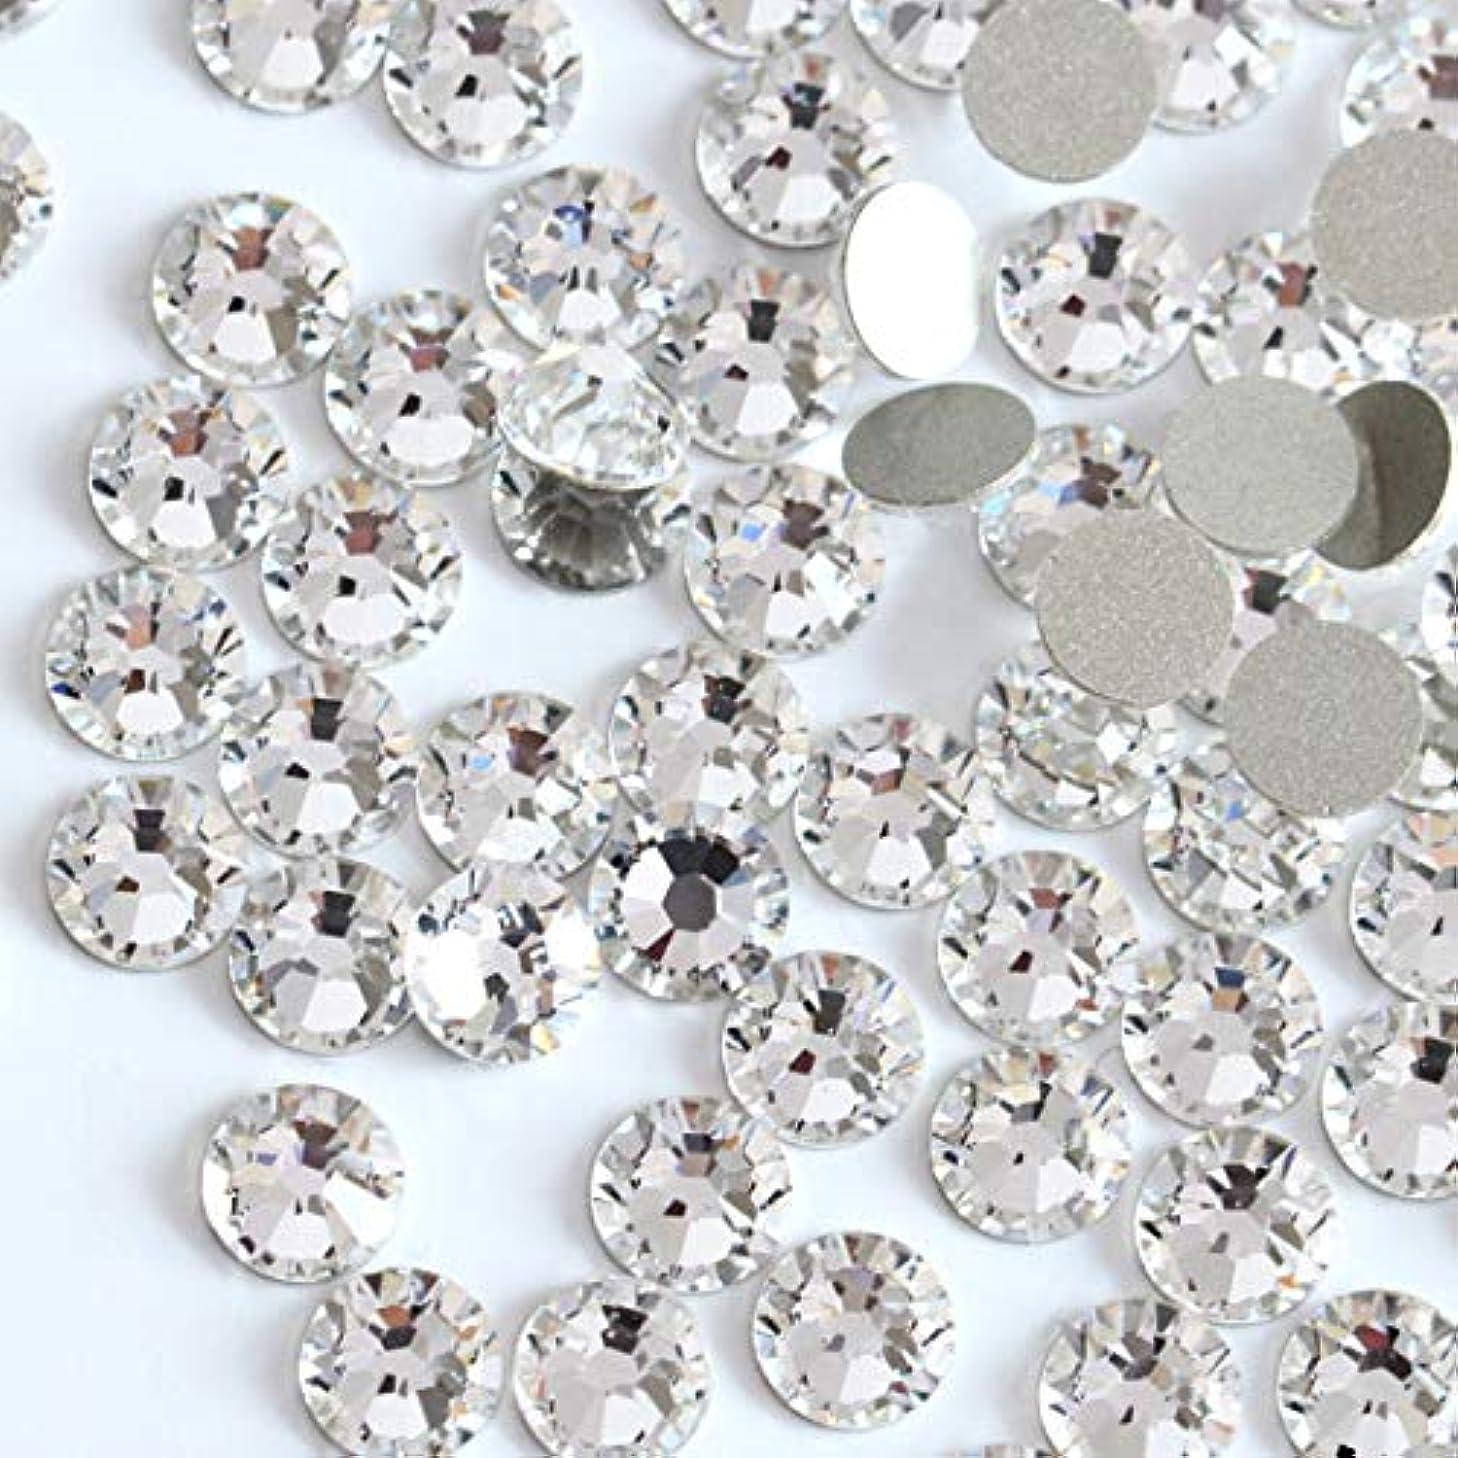 極めて重要な長方形状態【ラインストーン77】高品質ガラス製ラインストーン クリスタル SS34(7.1mm)約280粒